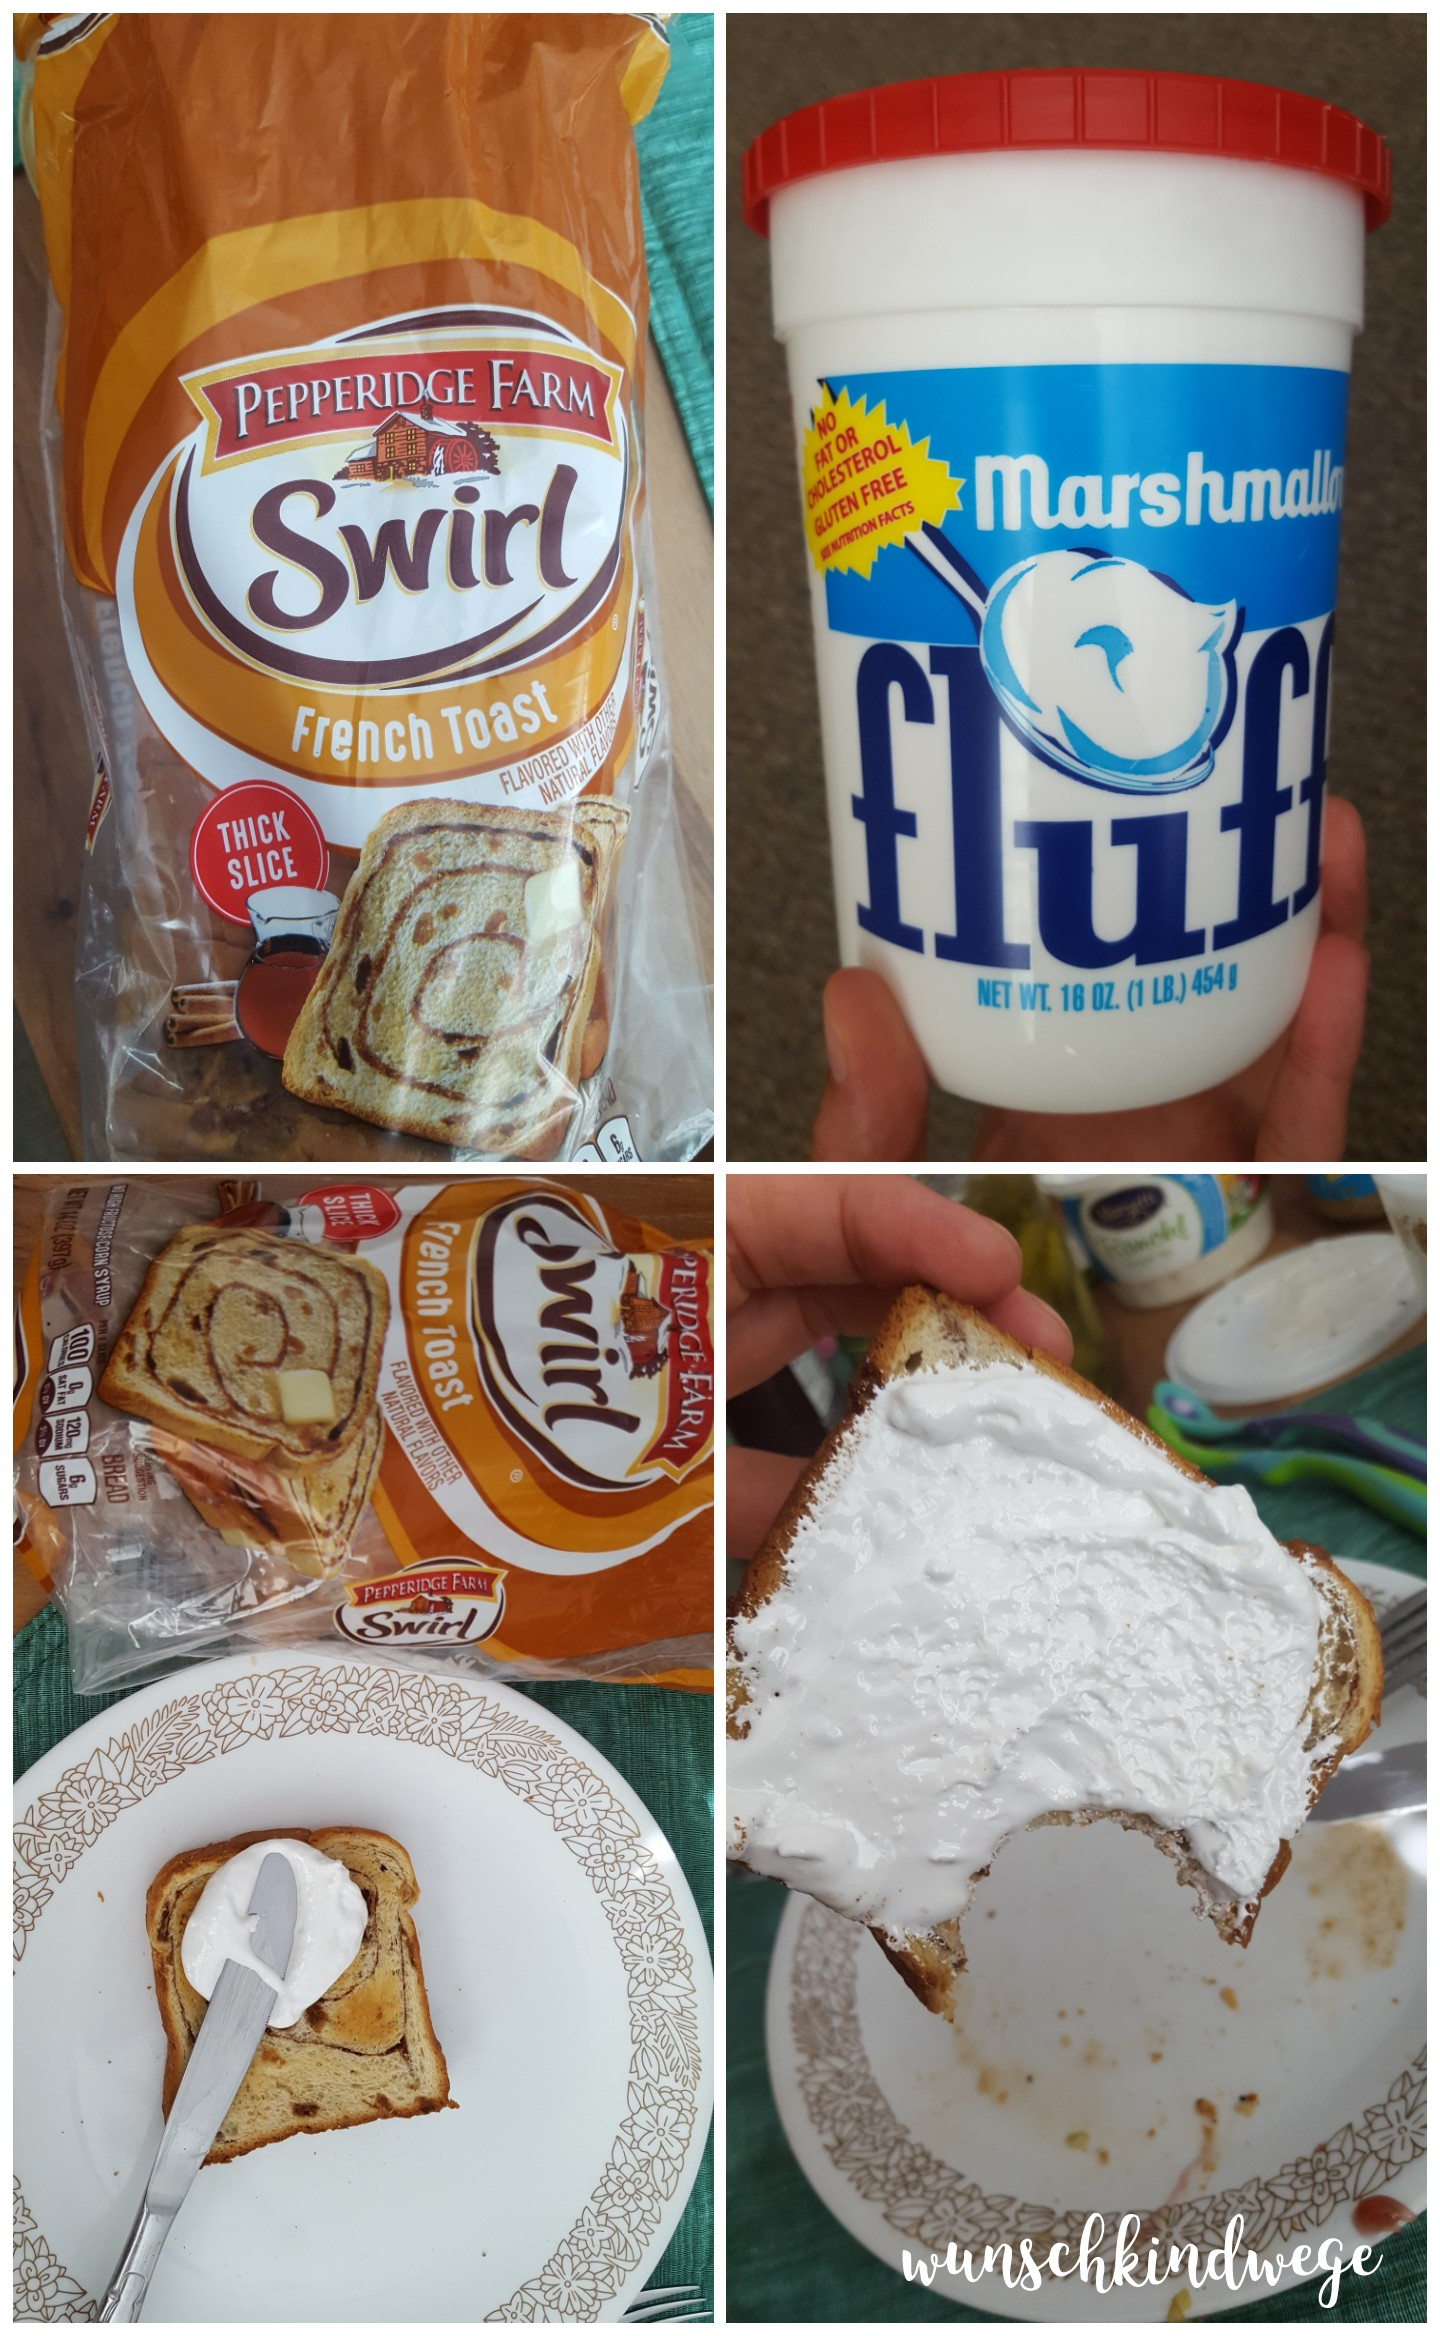 Florida Marshmallow Fluff und Swirl Toast